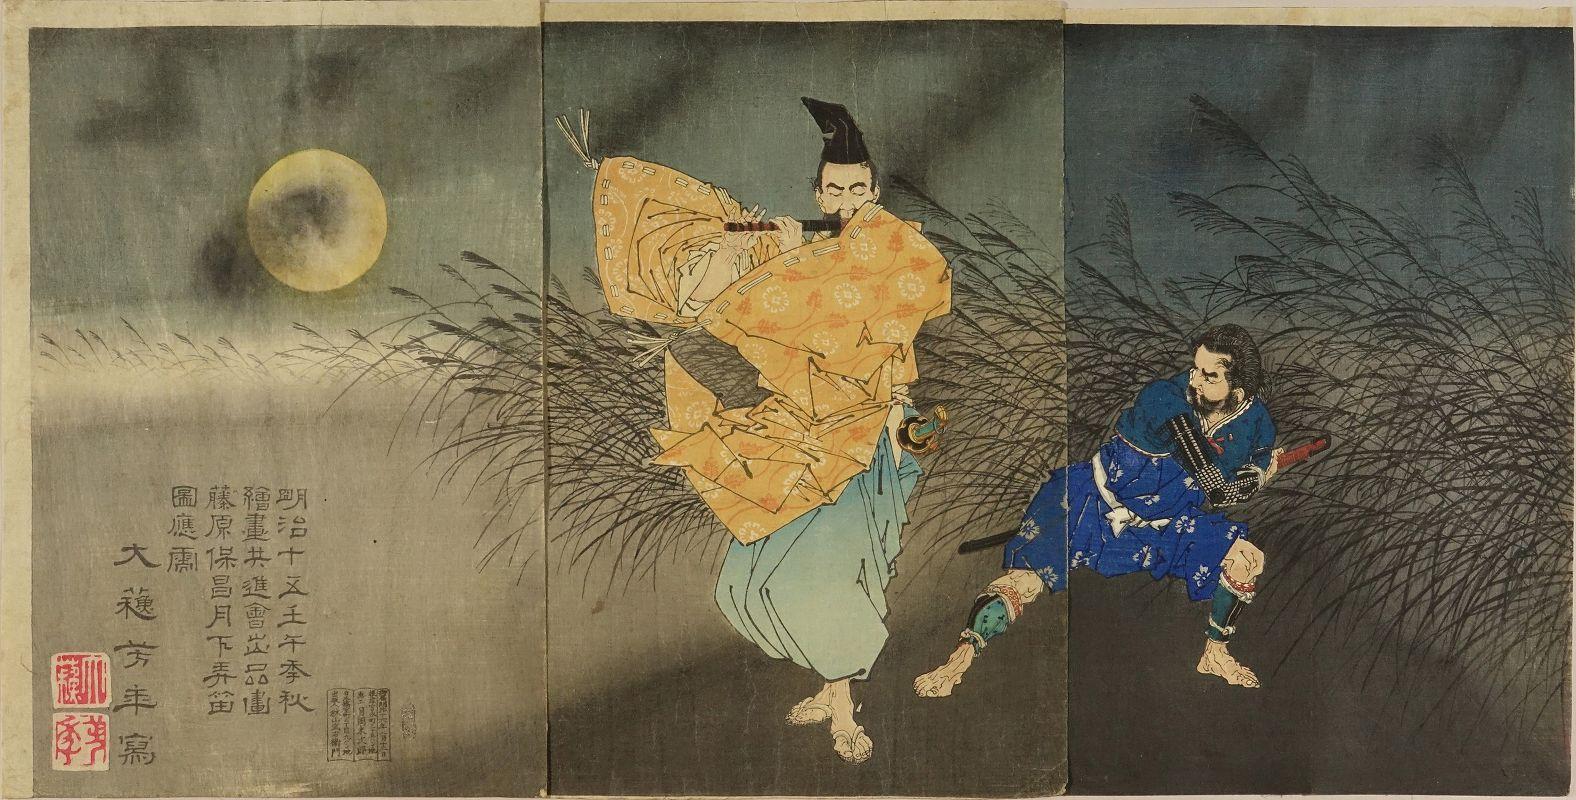 """YOSHITOSHI <i>Fujiwara no Yasumasa gekka roteki zu</i> (Fujiwara no Yasumasa playing the flute by moonlight), triptych, first state with printer's seal """"<i>Suri Tsune</i>"""""""